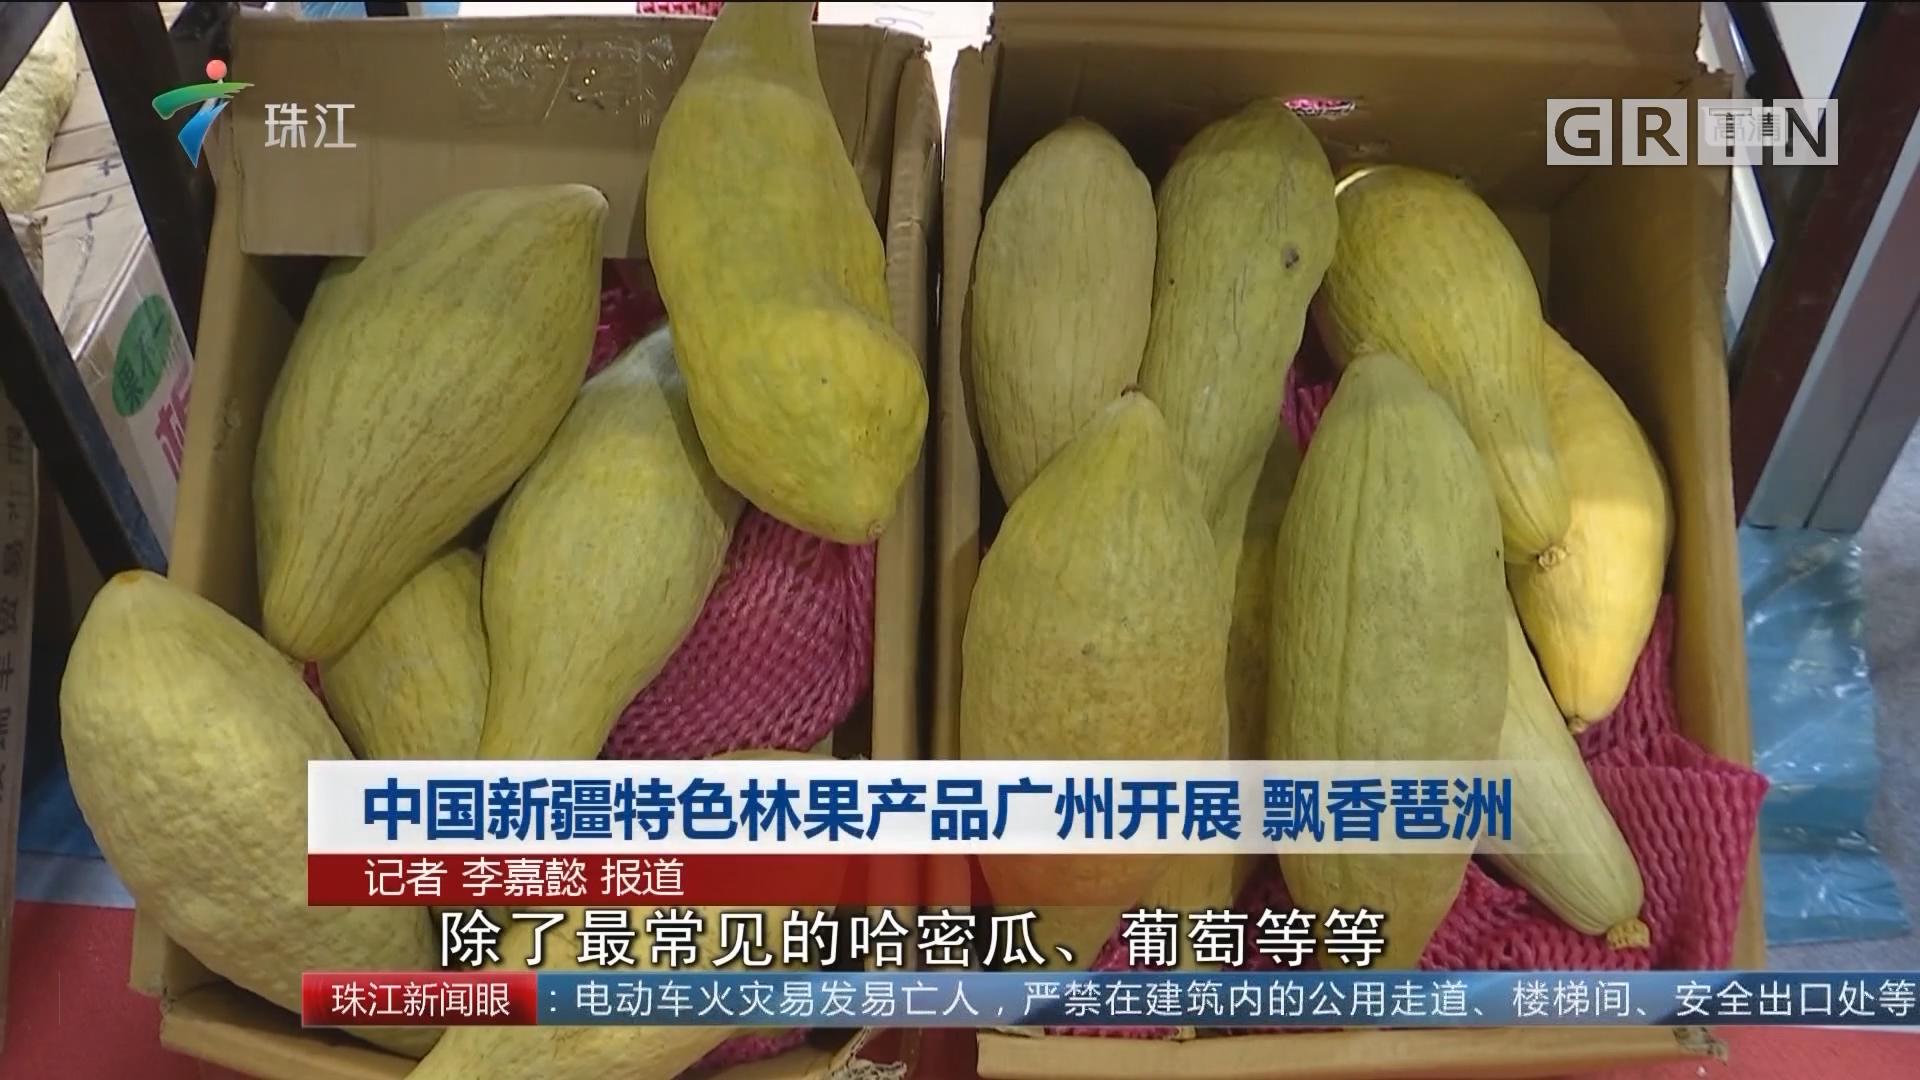 中国新疆特色林果产品广州开展 飘香琶洲